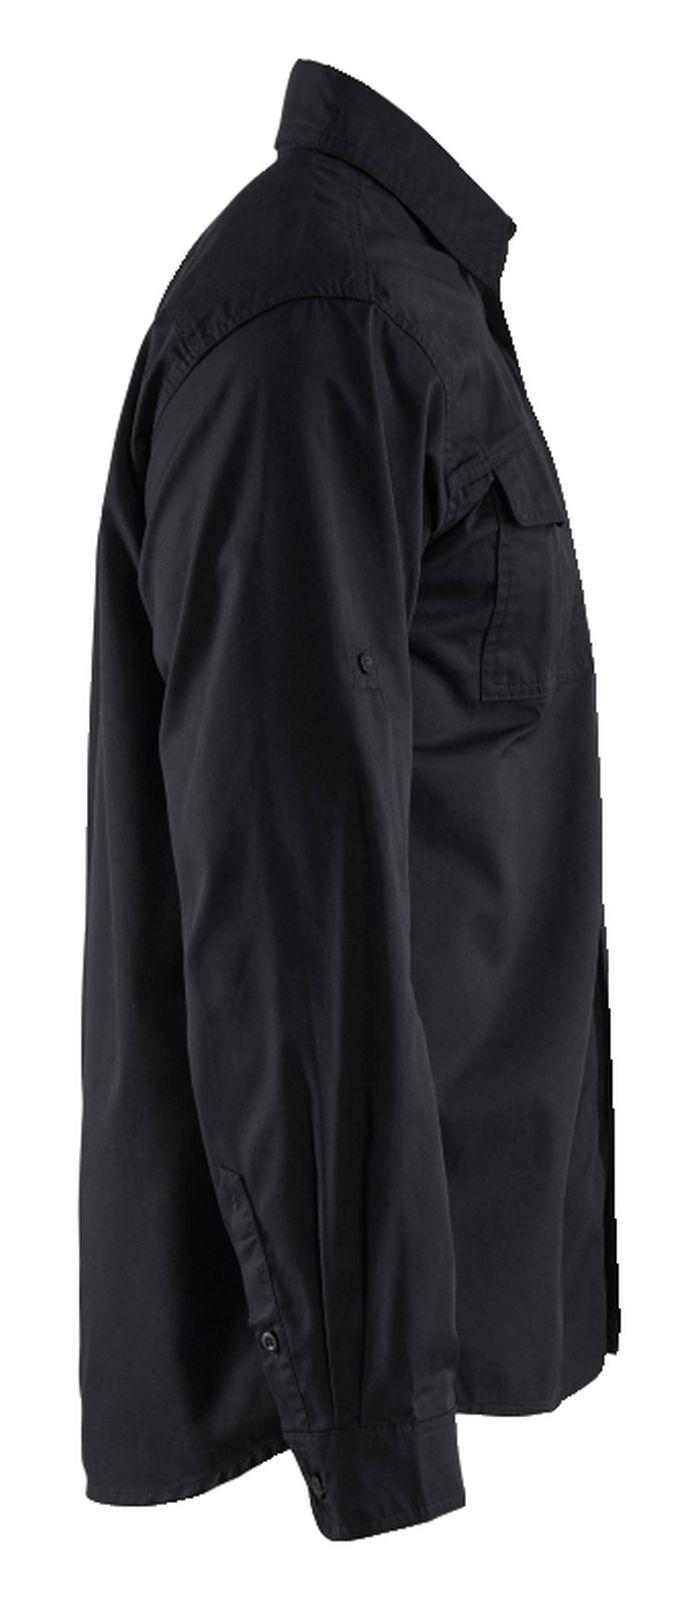 Blaklader Shirts 32981190 zwart(9900)